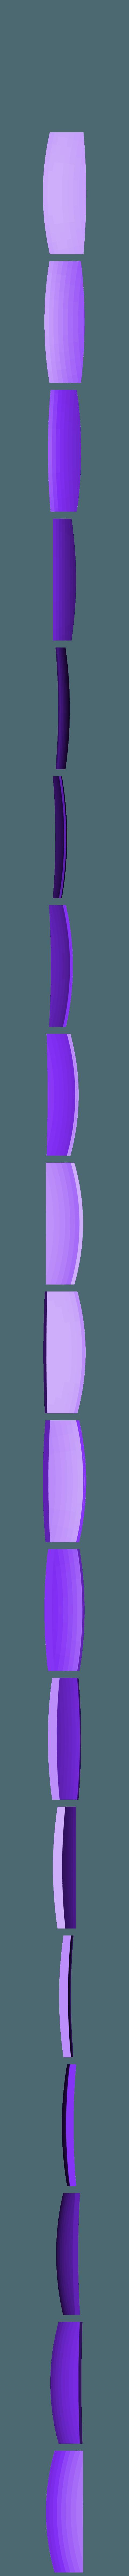 9.STL Télécharger fichier STL gratuit Bouclier du capitaine amérique (Entièrement détaillé) • Design pour imprimante 3D, Absolute3D